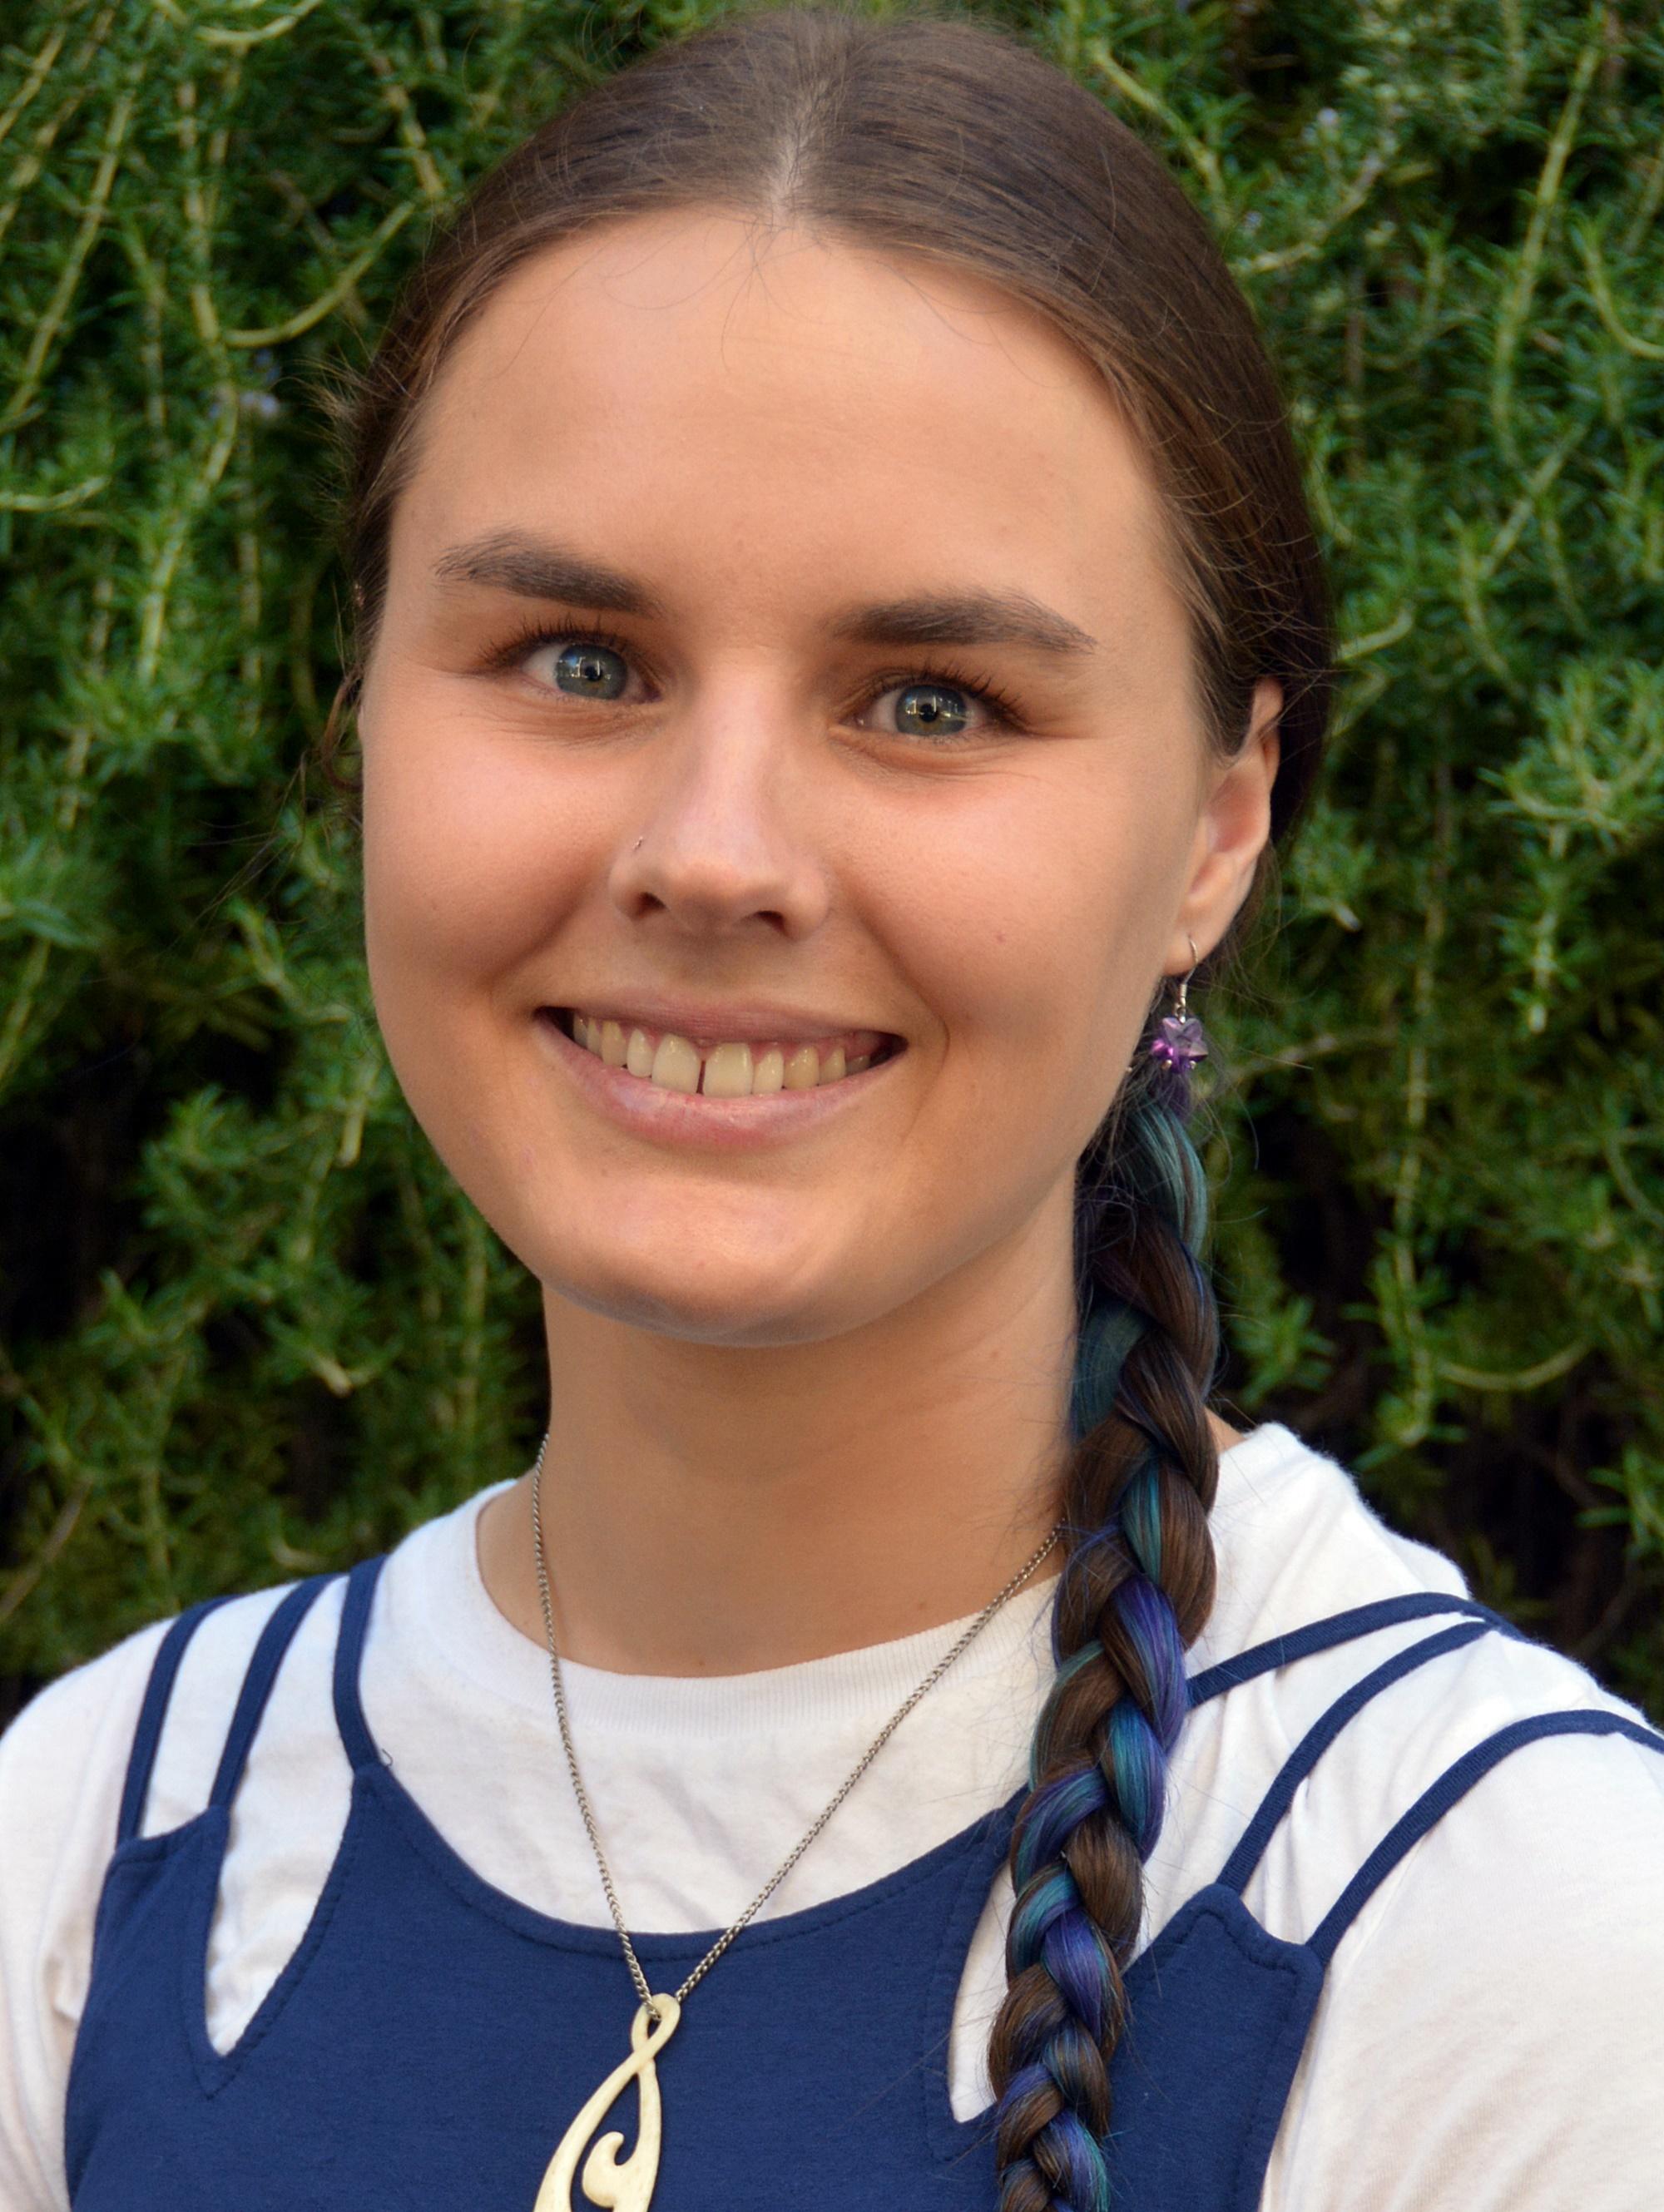 Danielle Drummond